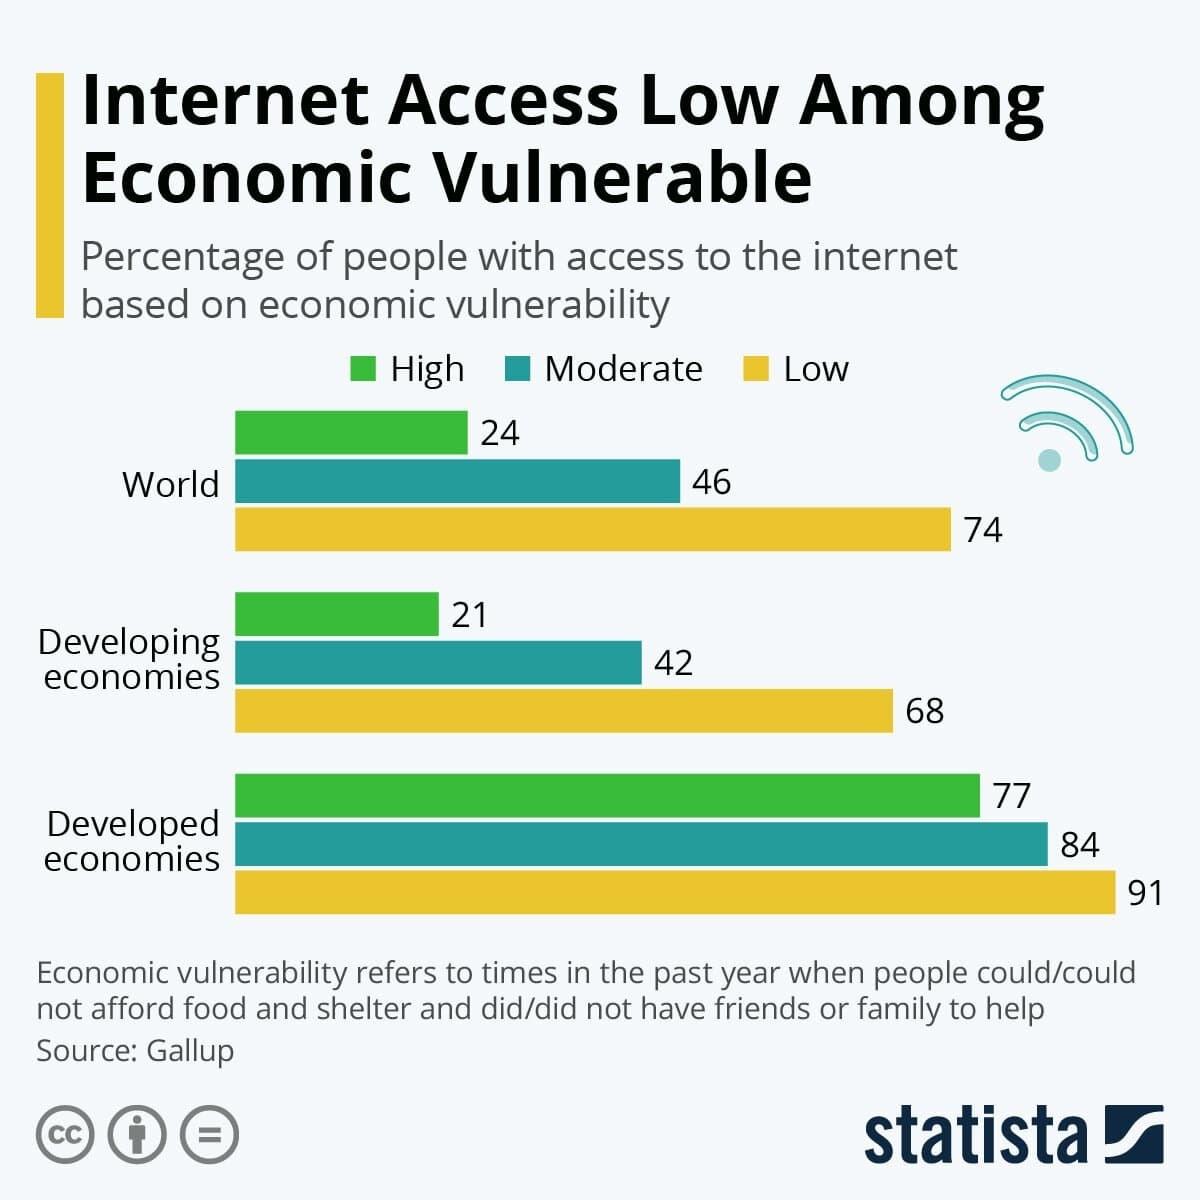 L'accès à Internet est faible parmi les personnes économiquement vulnérables